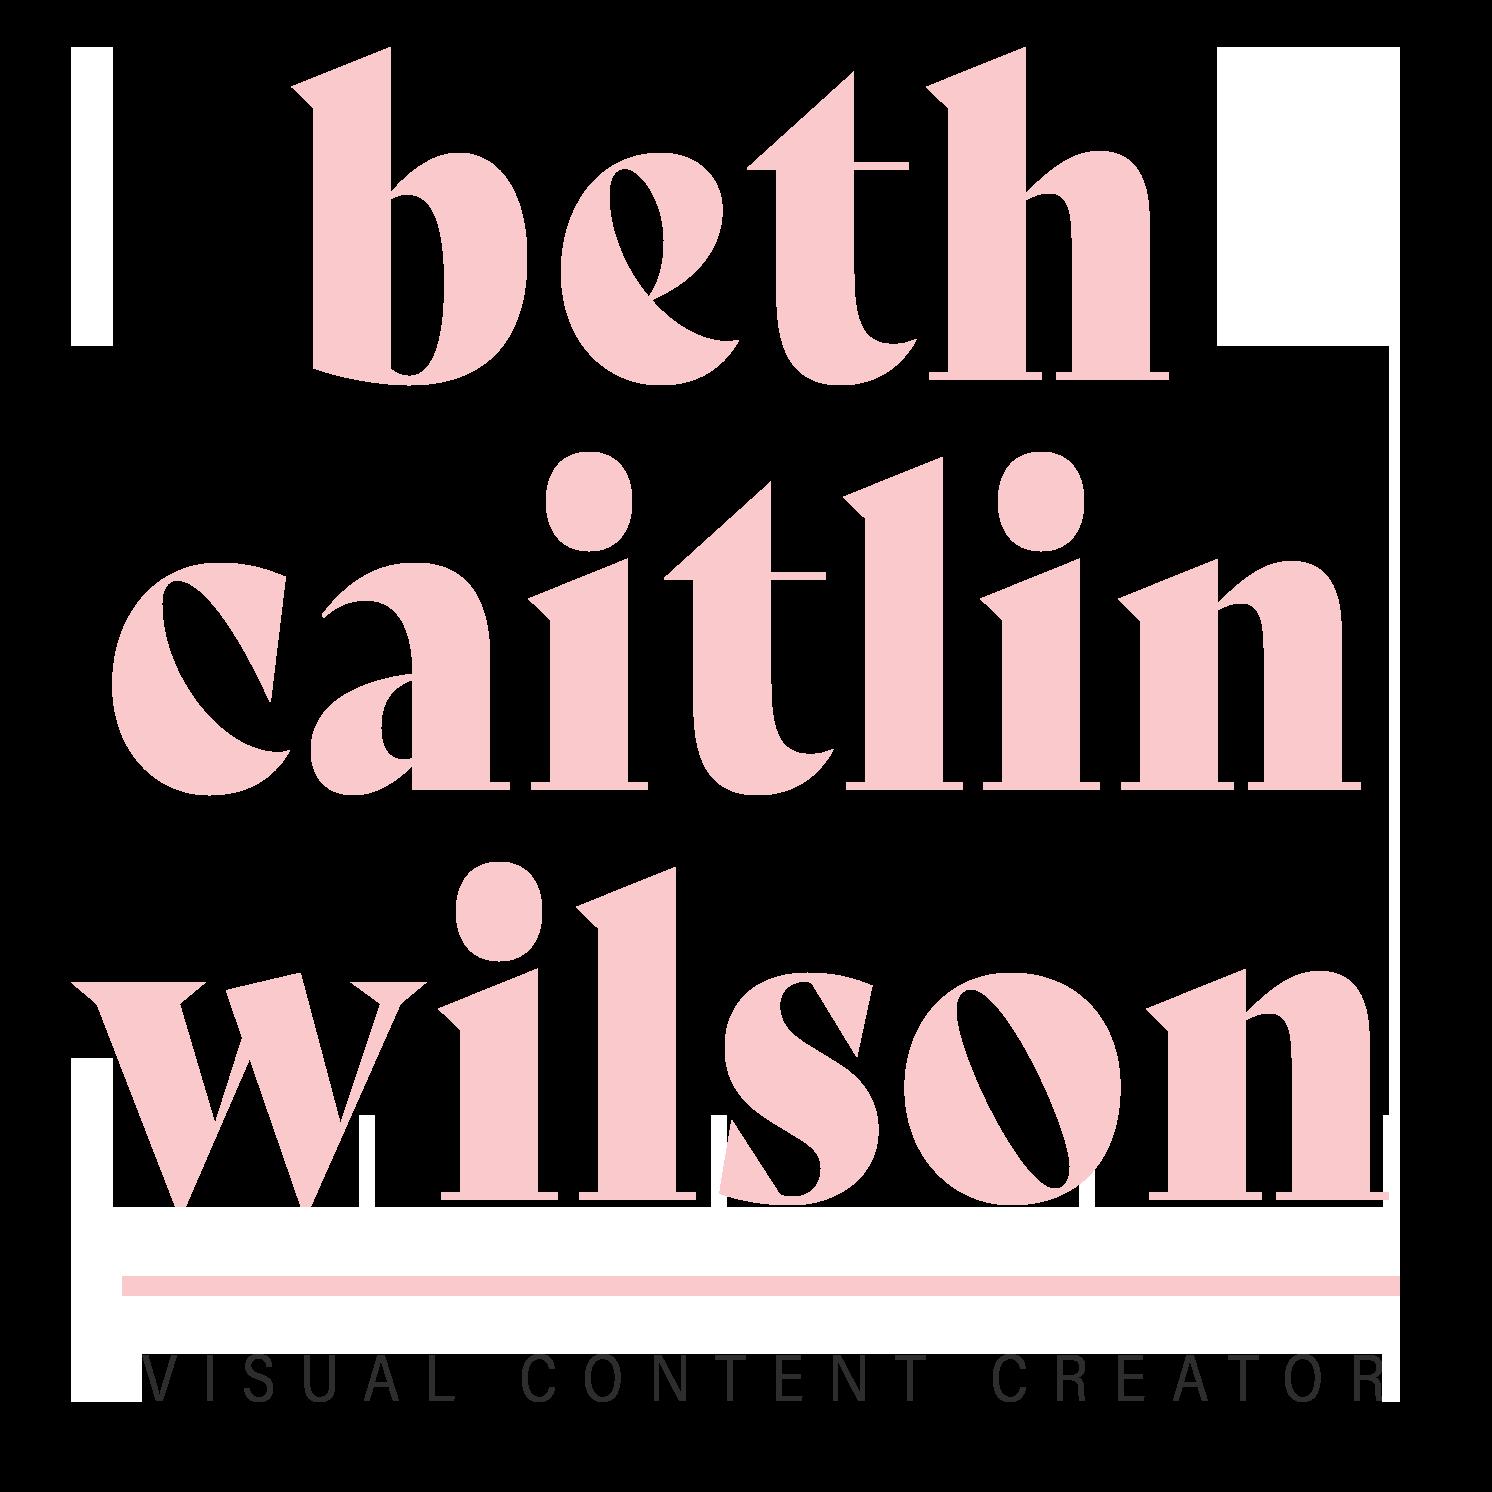 Beth Caitlin Wilson